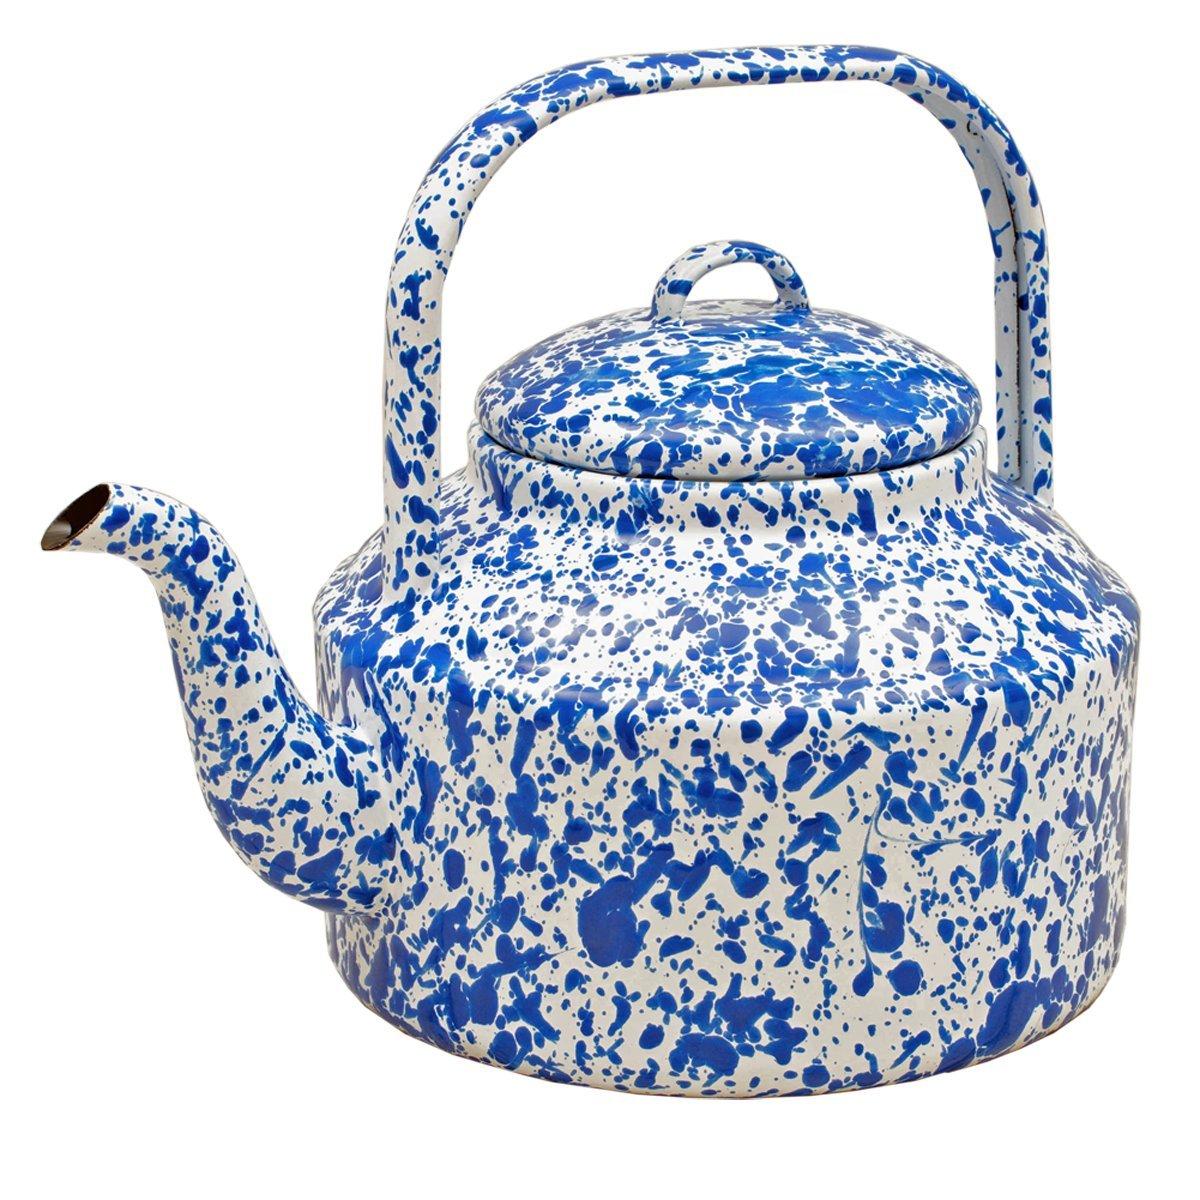 Enamelware Tea Kettle, 2.75 quart, Blue/White Splatter